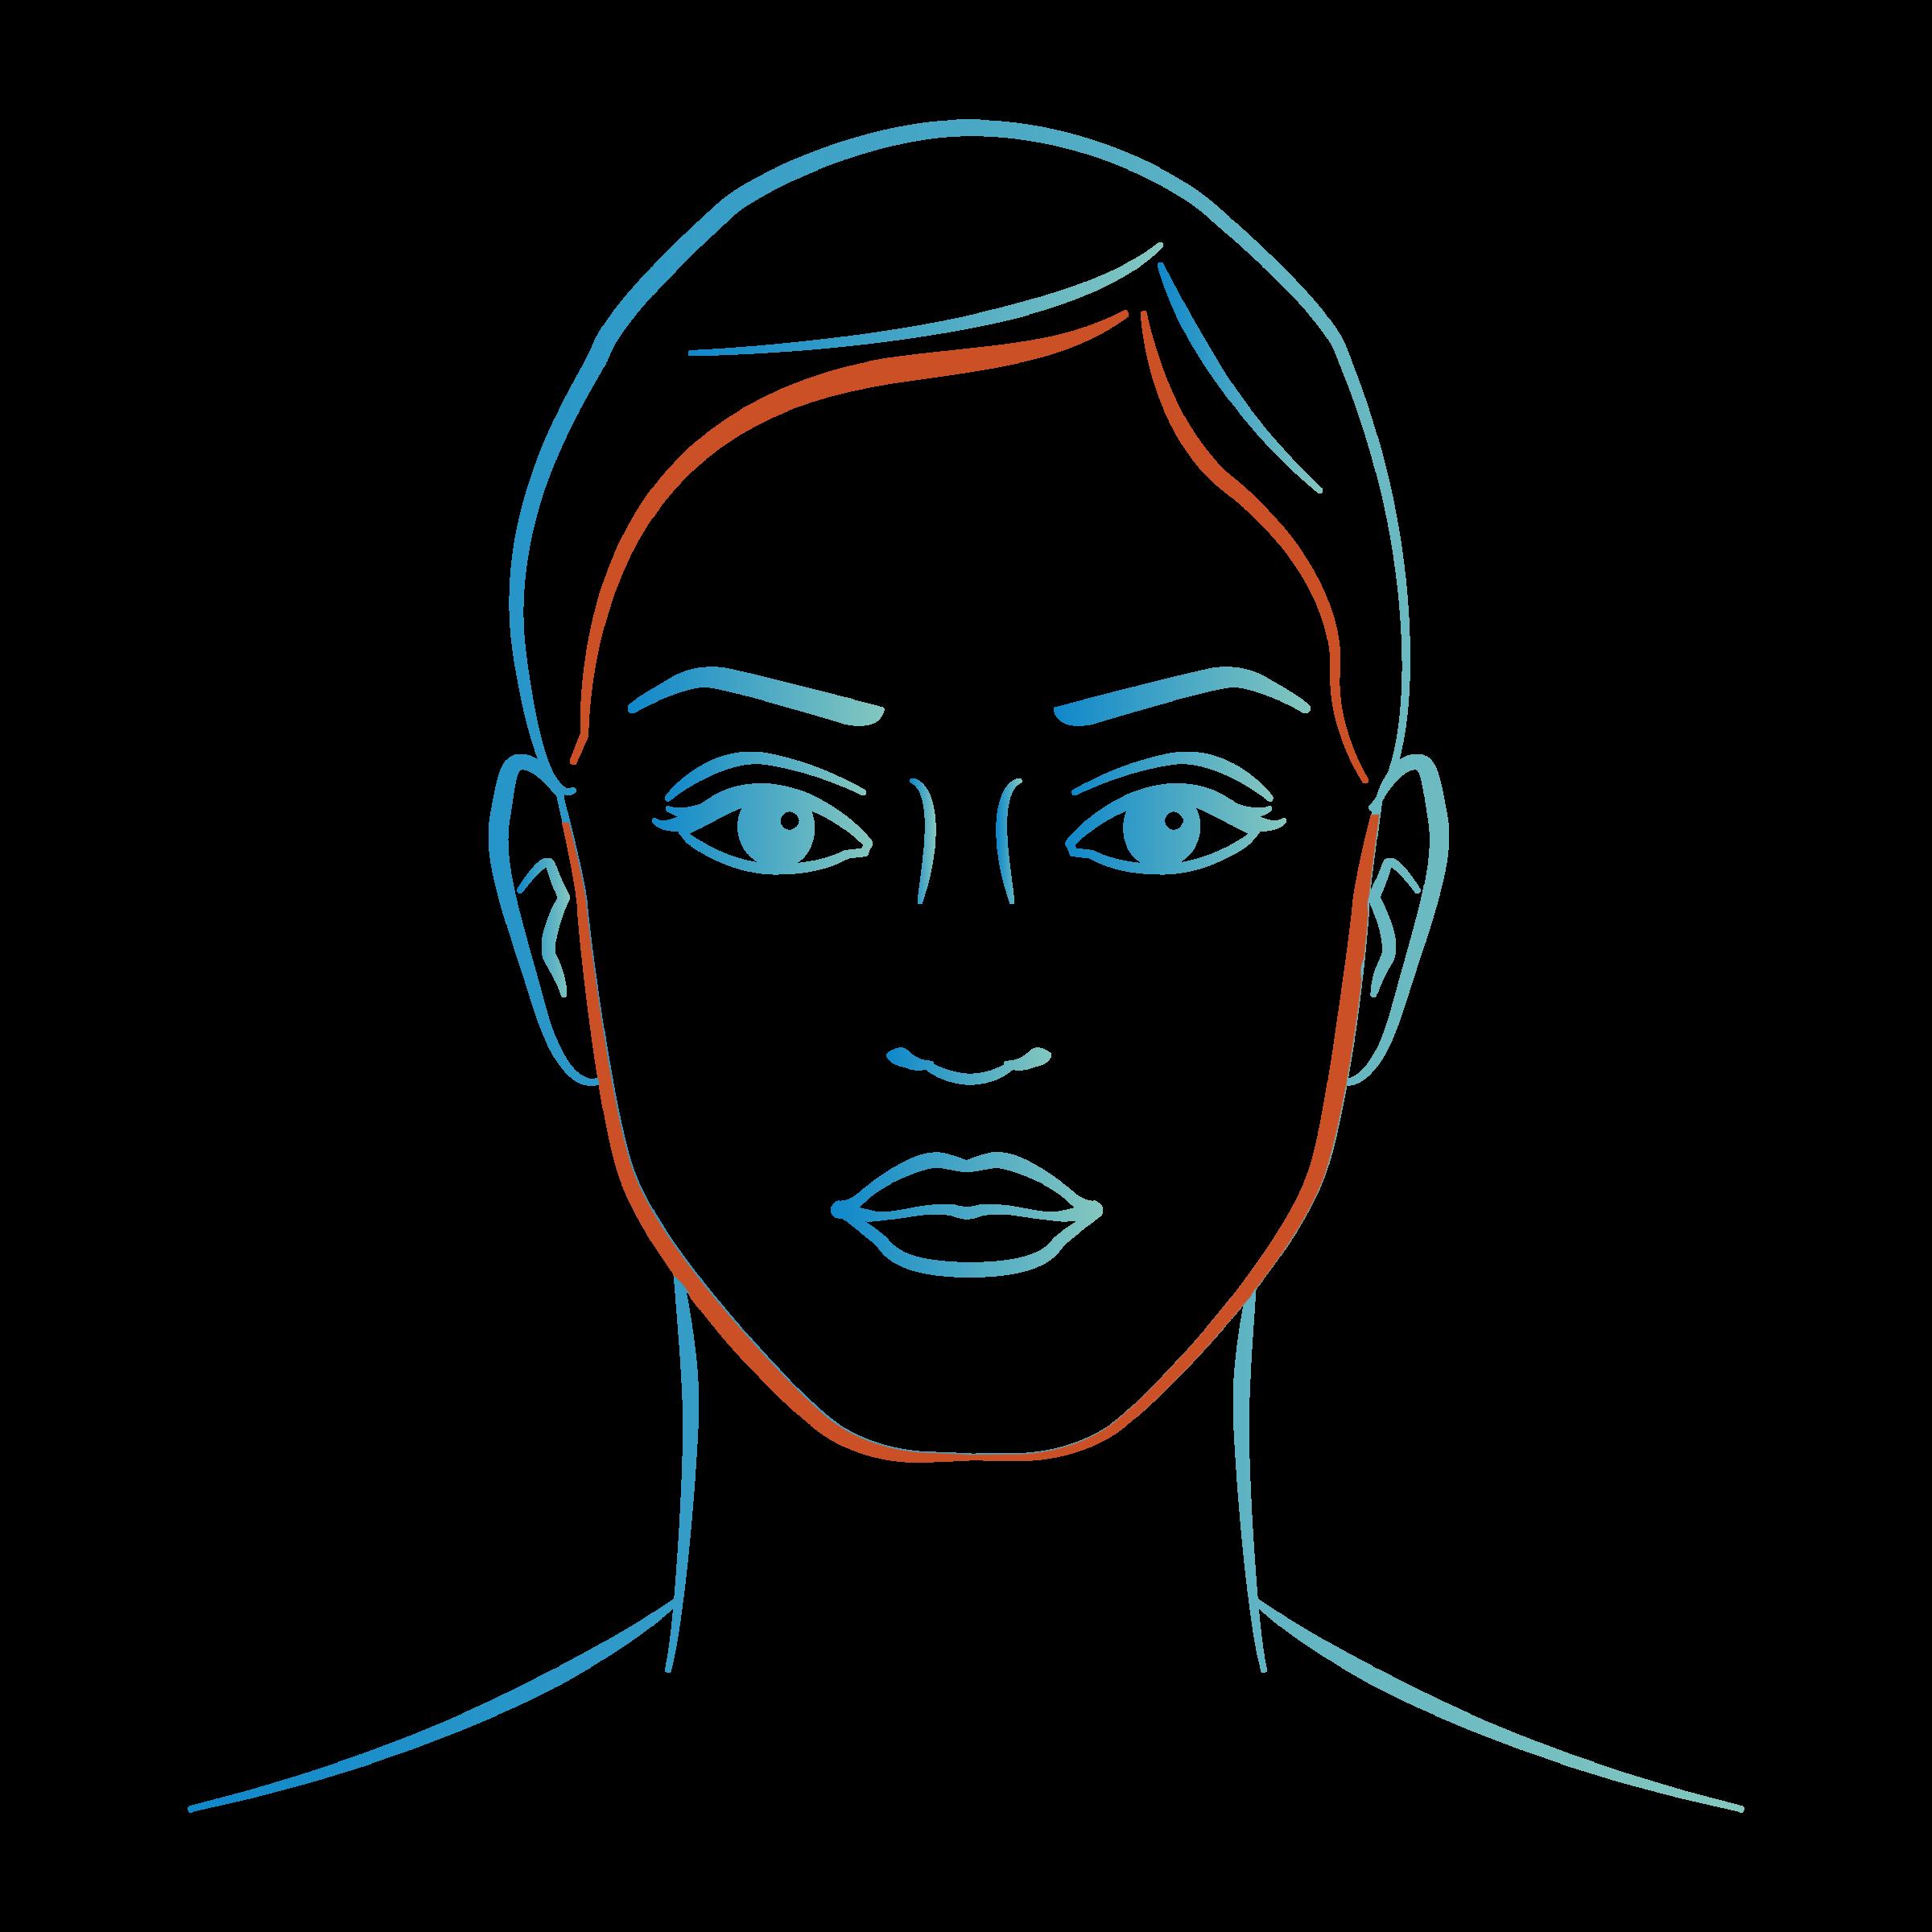 Médecine esthétique à Cannes : Injections acide hyaluronique ovale du visage